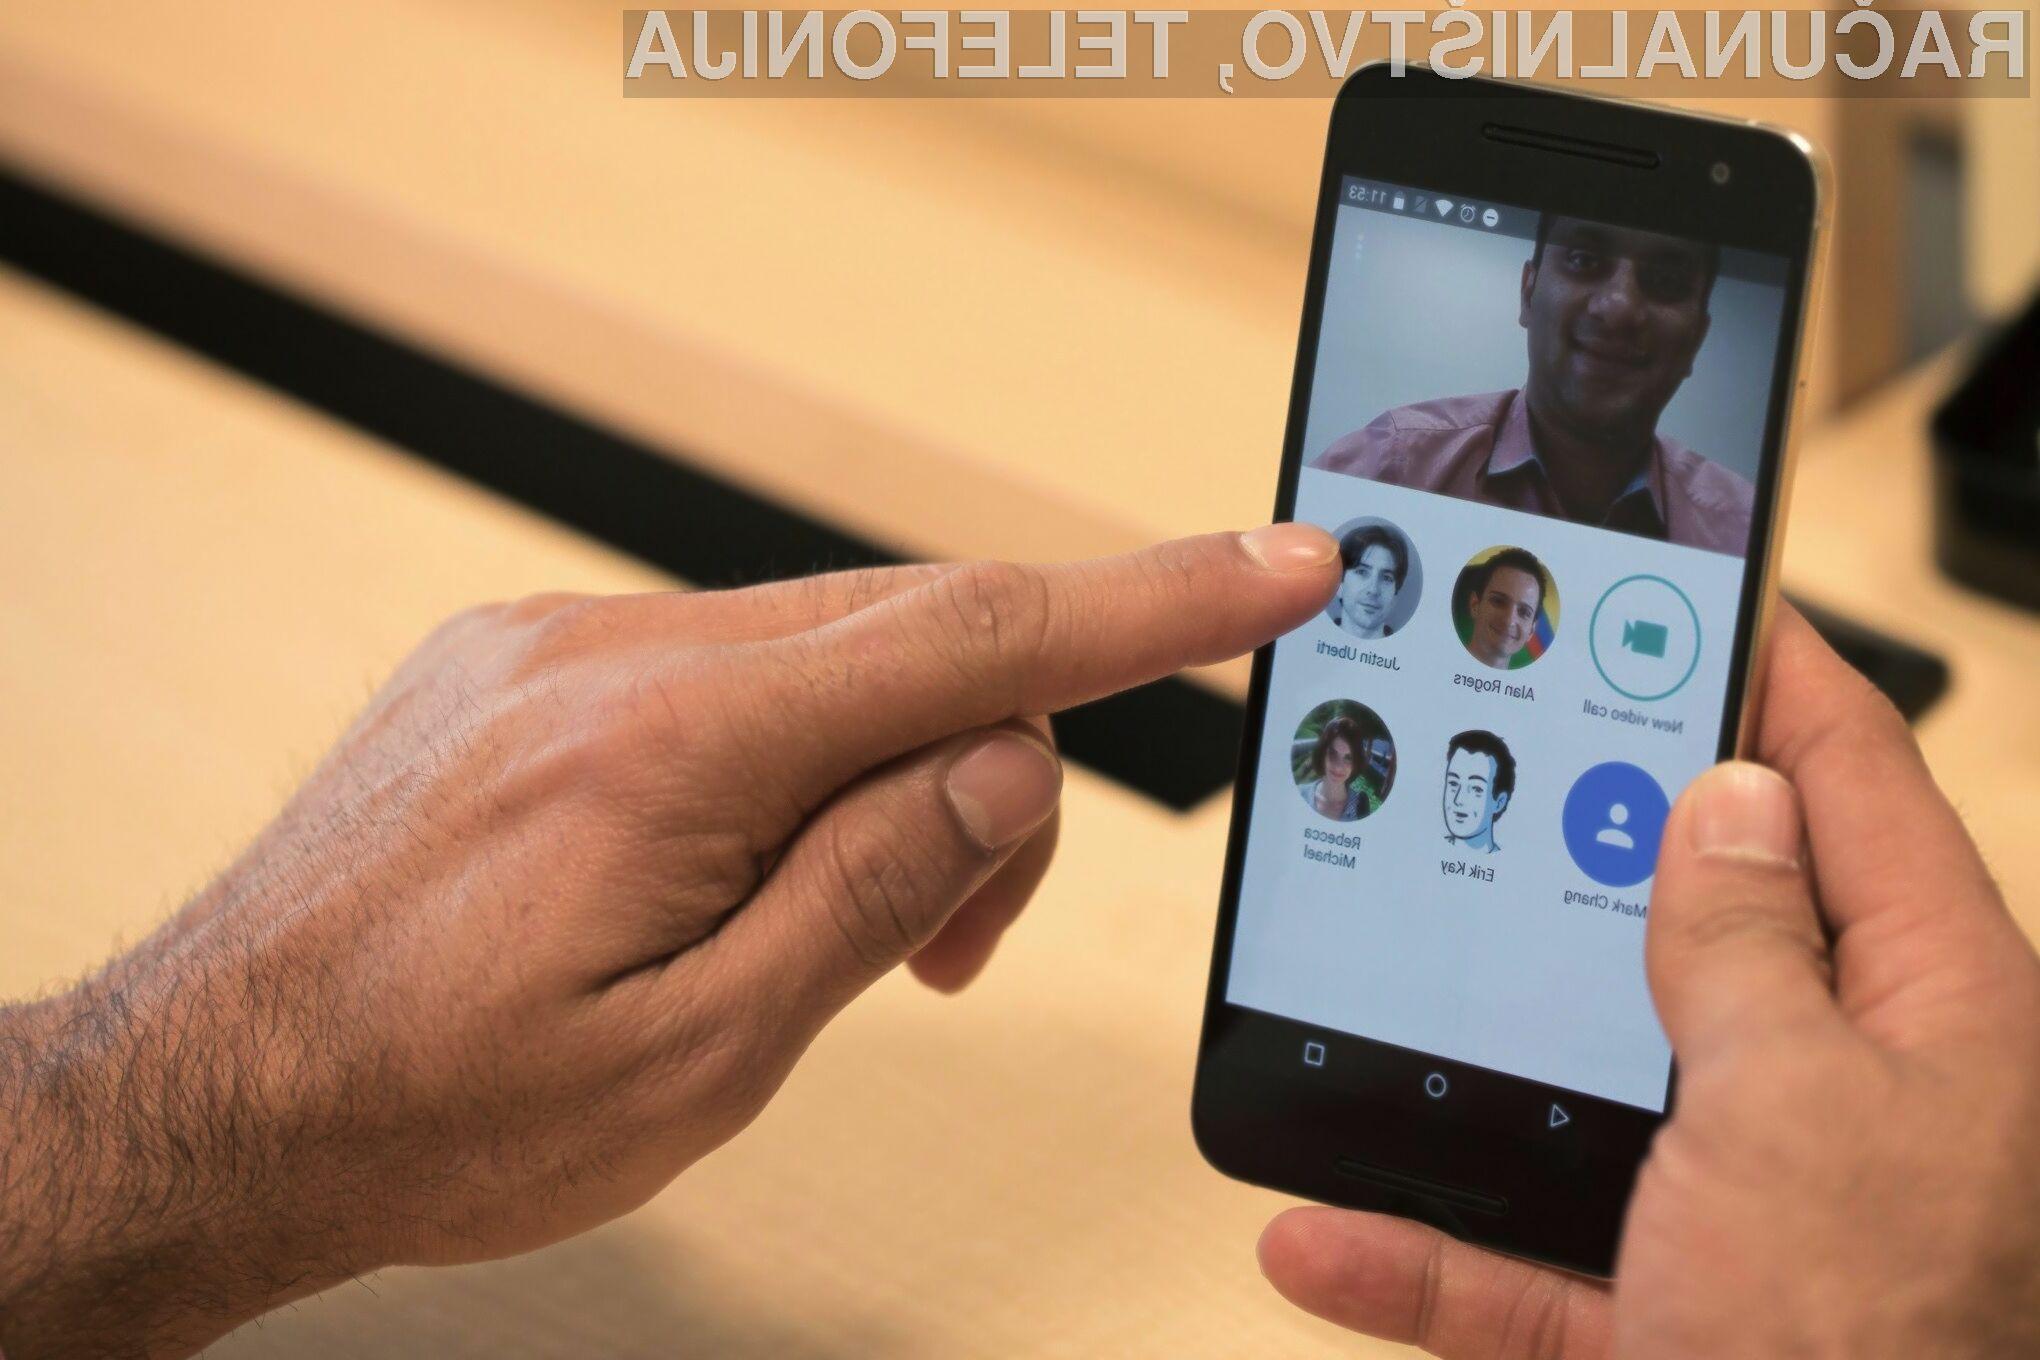 Google Duo obnorel uporabnike mobilnih naprav. Preizkusite ga tudi vi!